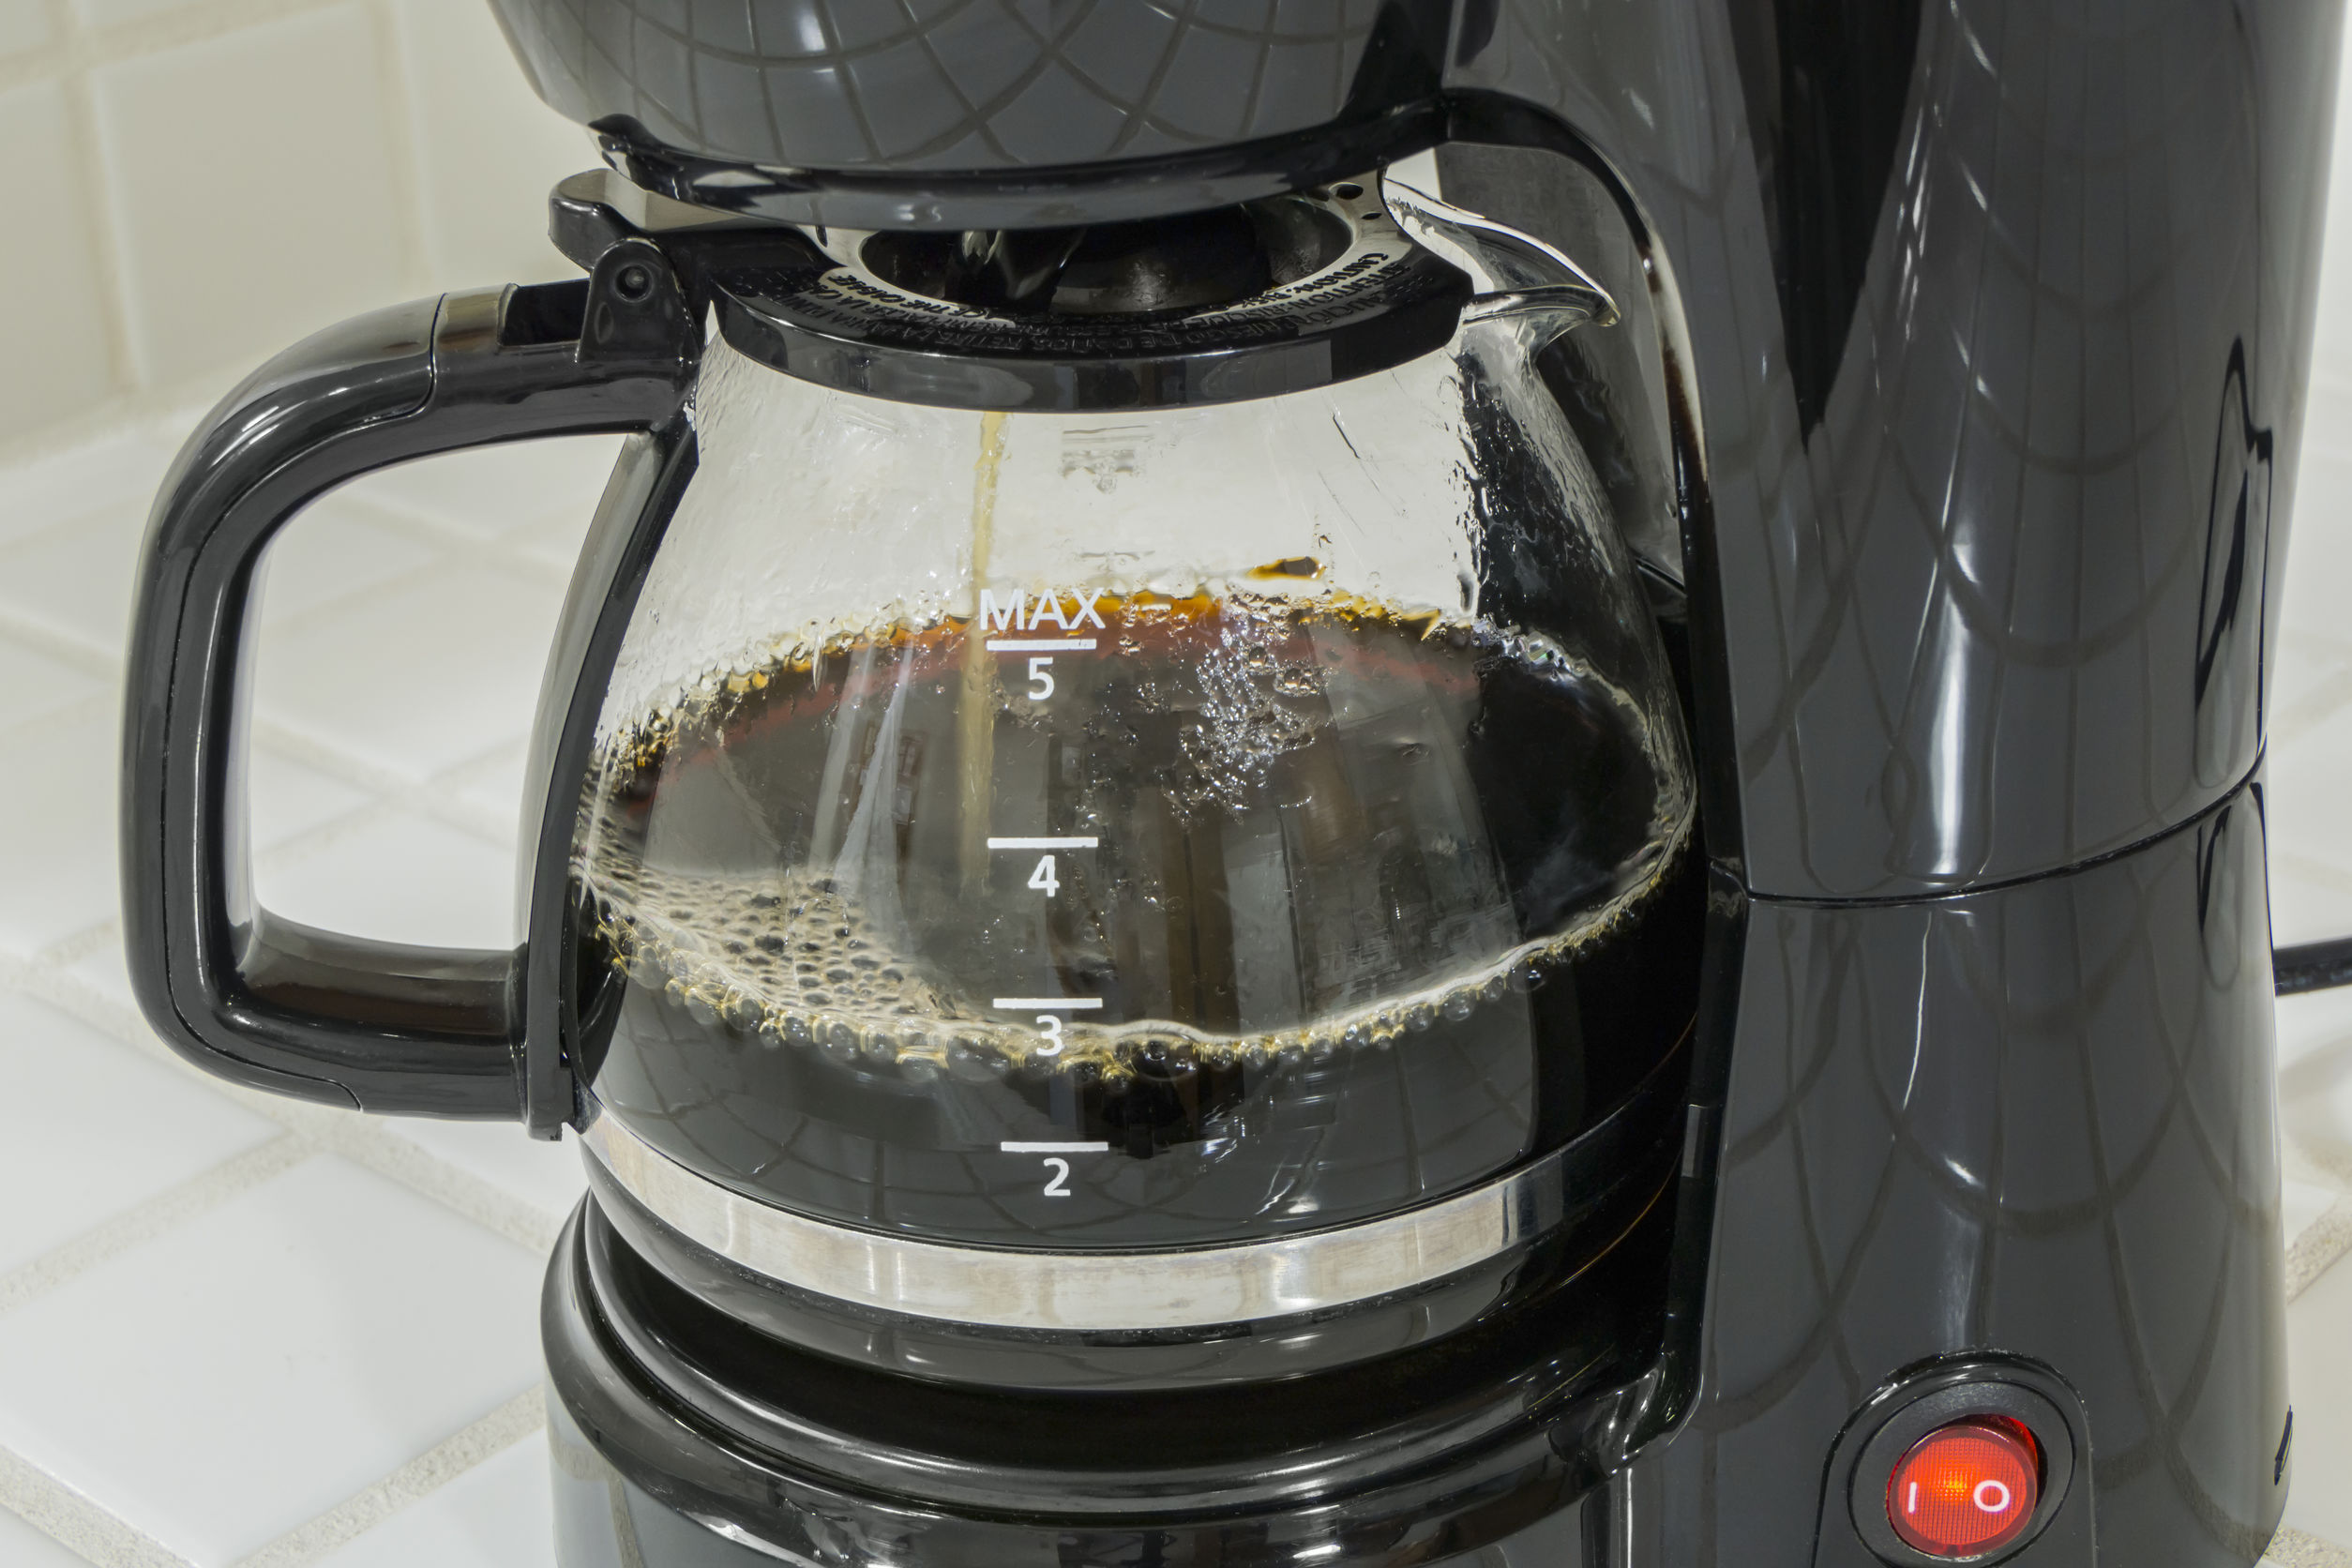 WMF Kaffeemaschine: Test & Empfehlungen (02/21)